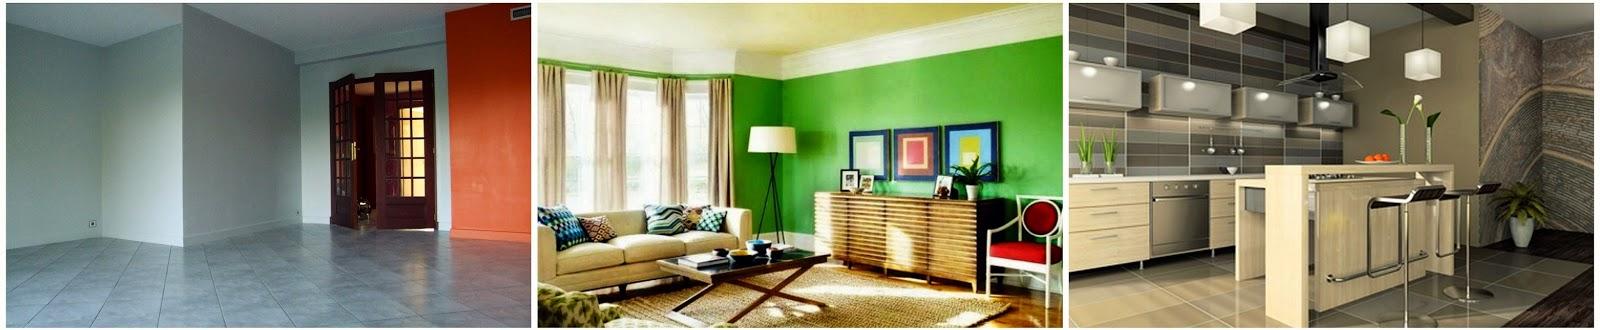 travaux travaux peintre immobilier entreprise de peinture paris. Black Bedroom Furniture Sets. Home Design Ideas